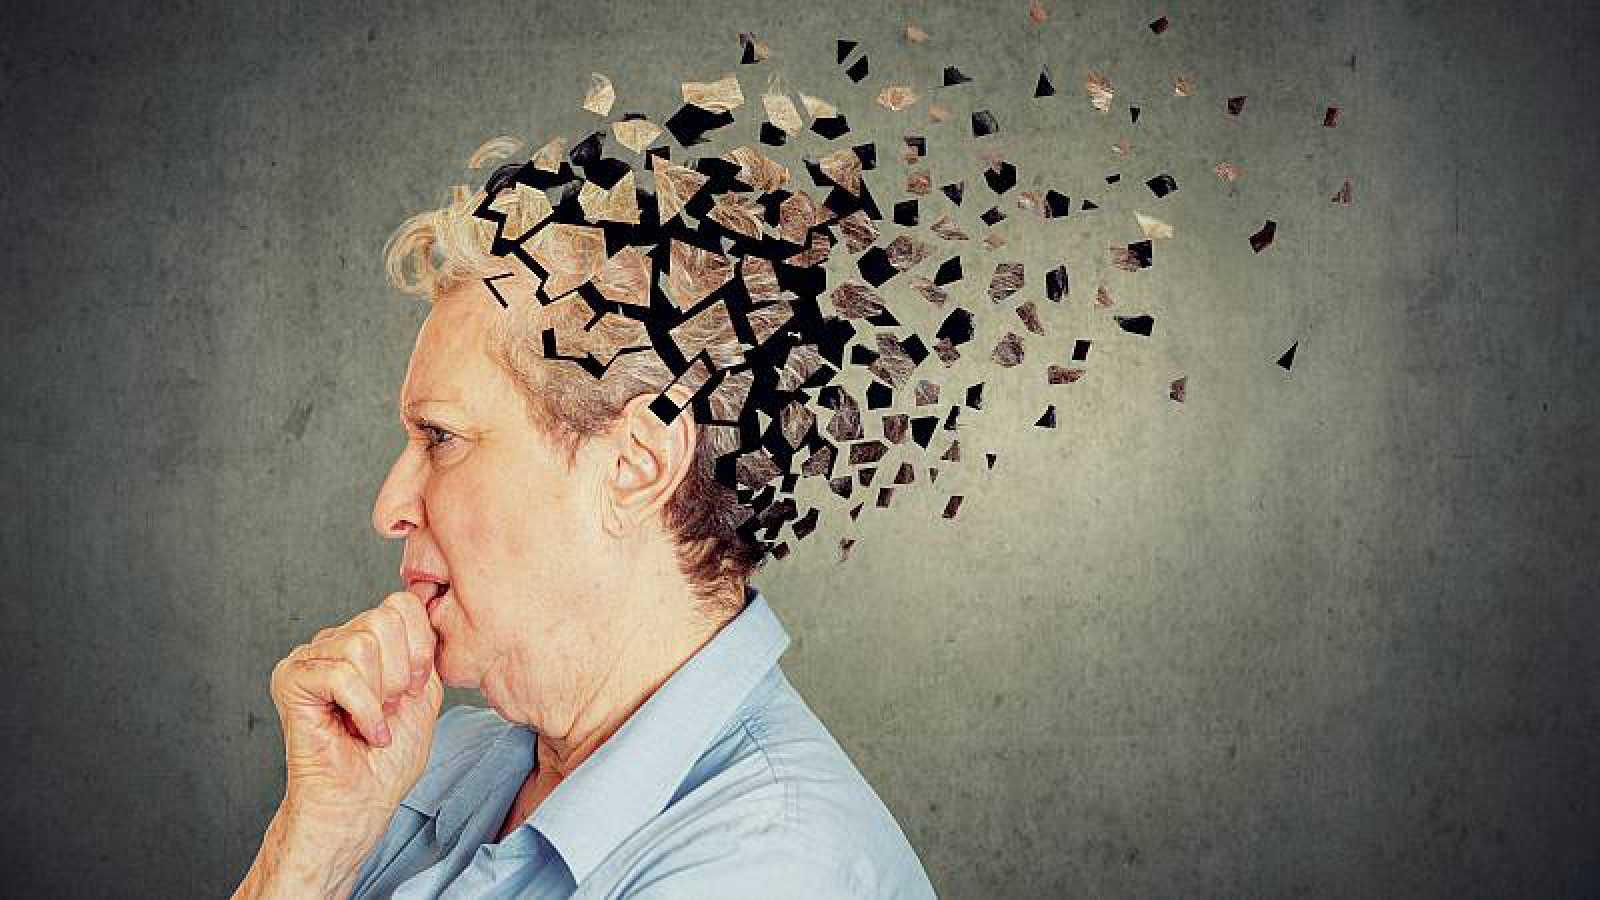 Mundo solidario - Día Mundial del Alzhéimer - 20/09/20 - escuchar ahora